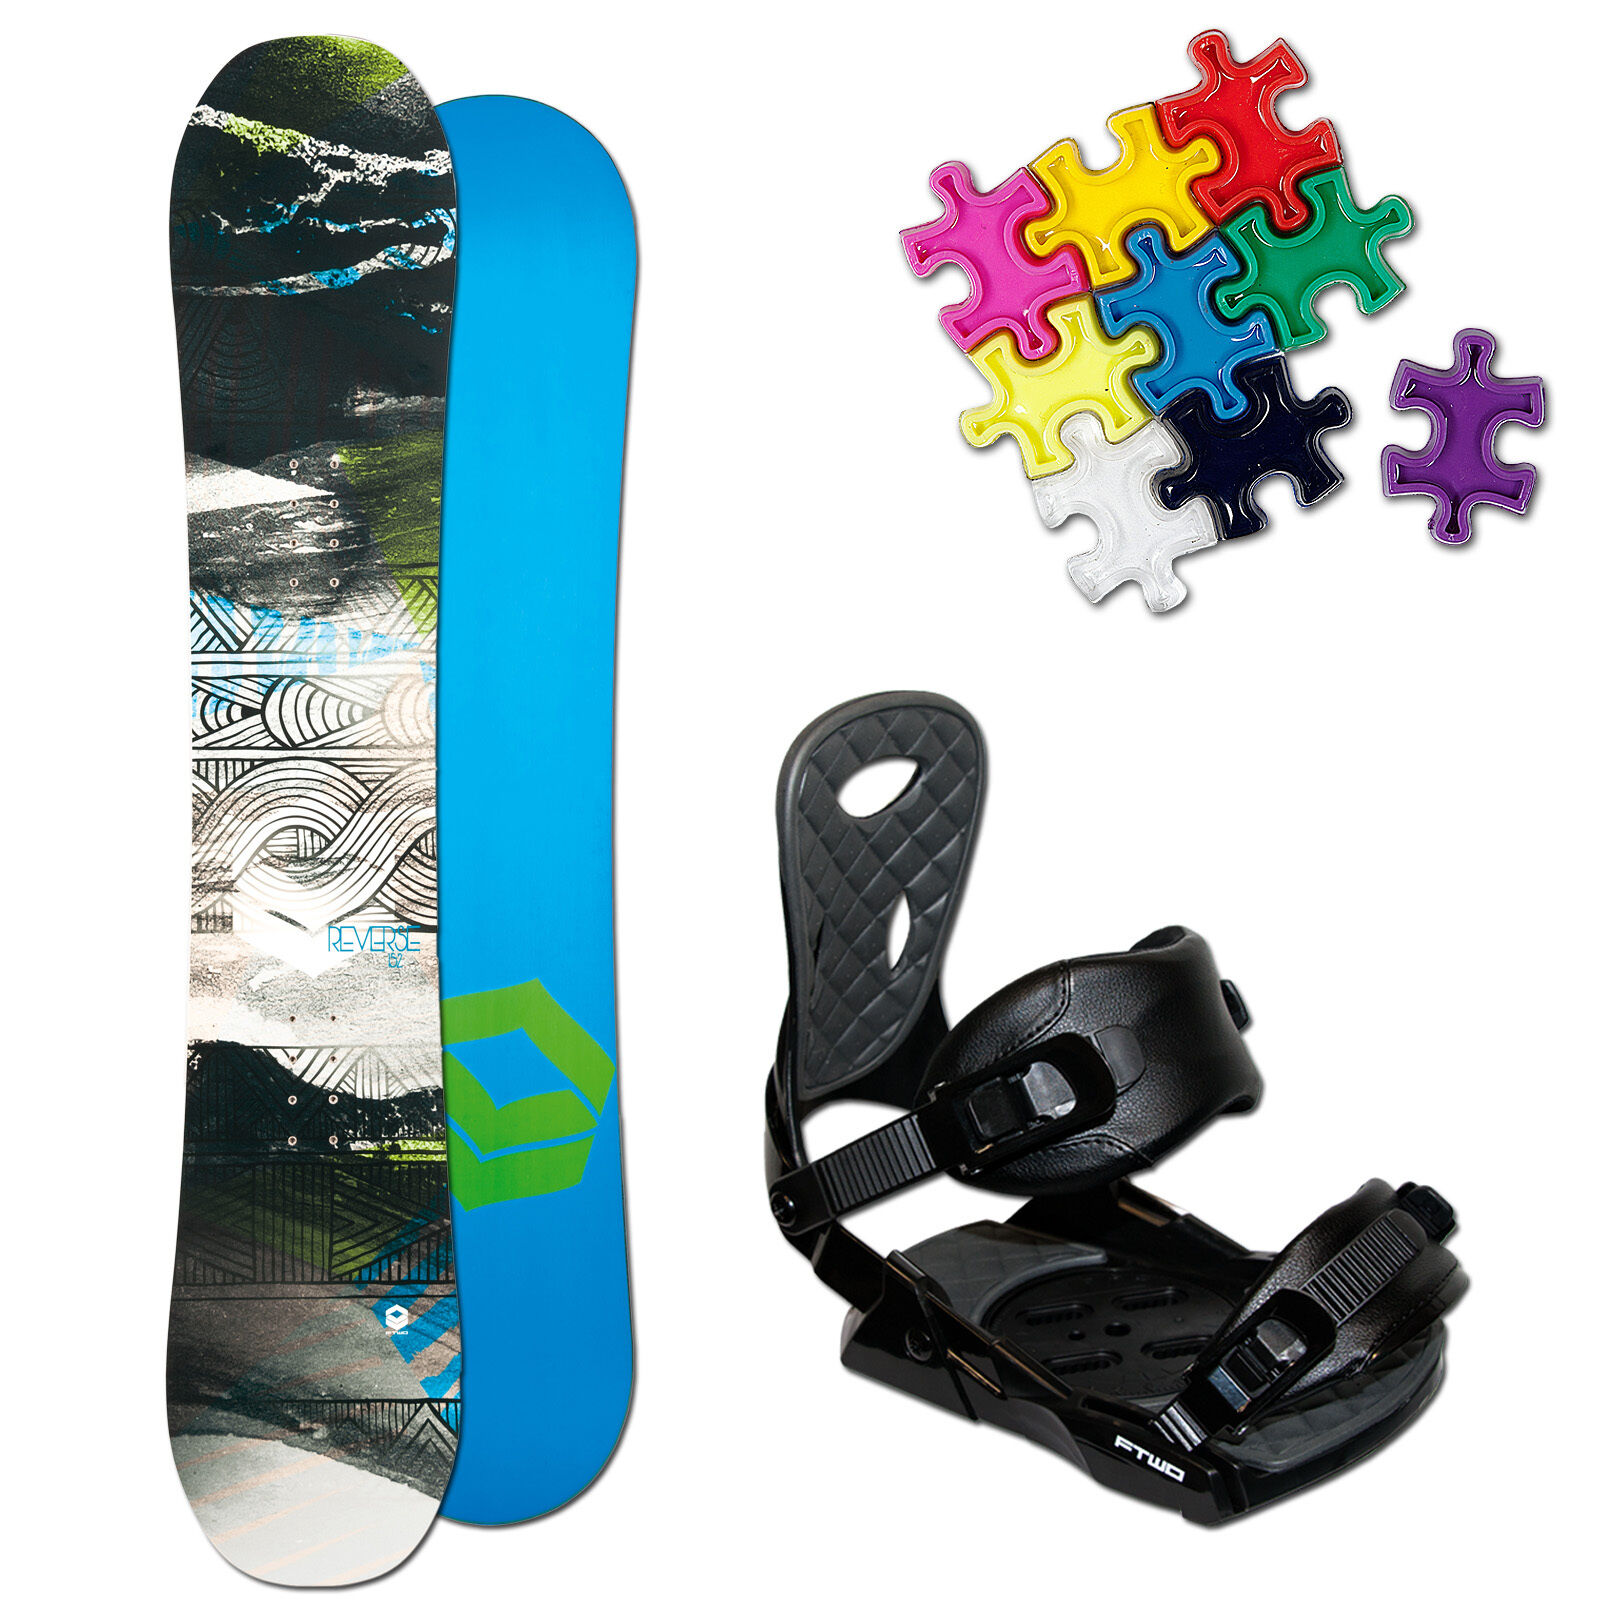 Ftwo Reverse Hombres Snowboard Set  147cm + Team Fijación M + Pad